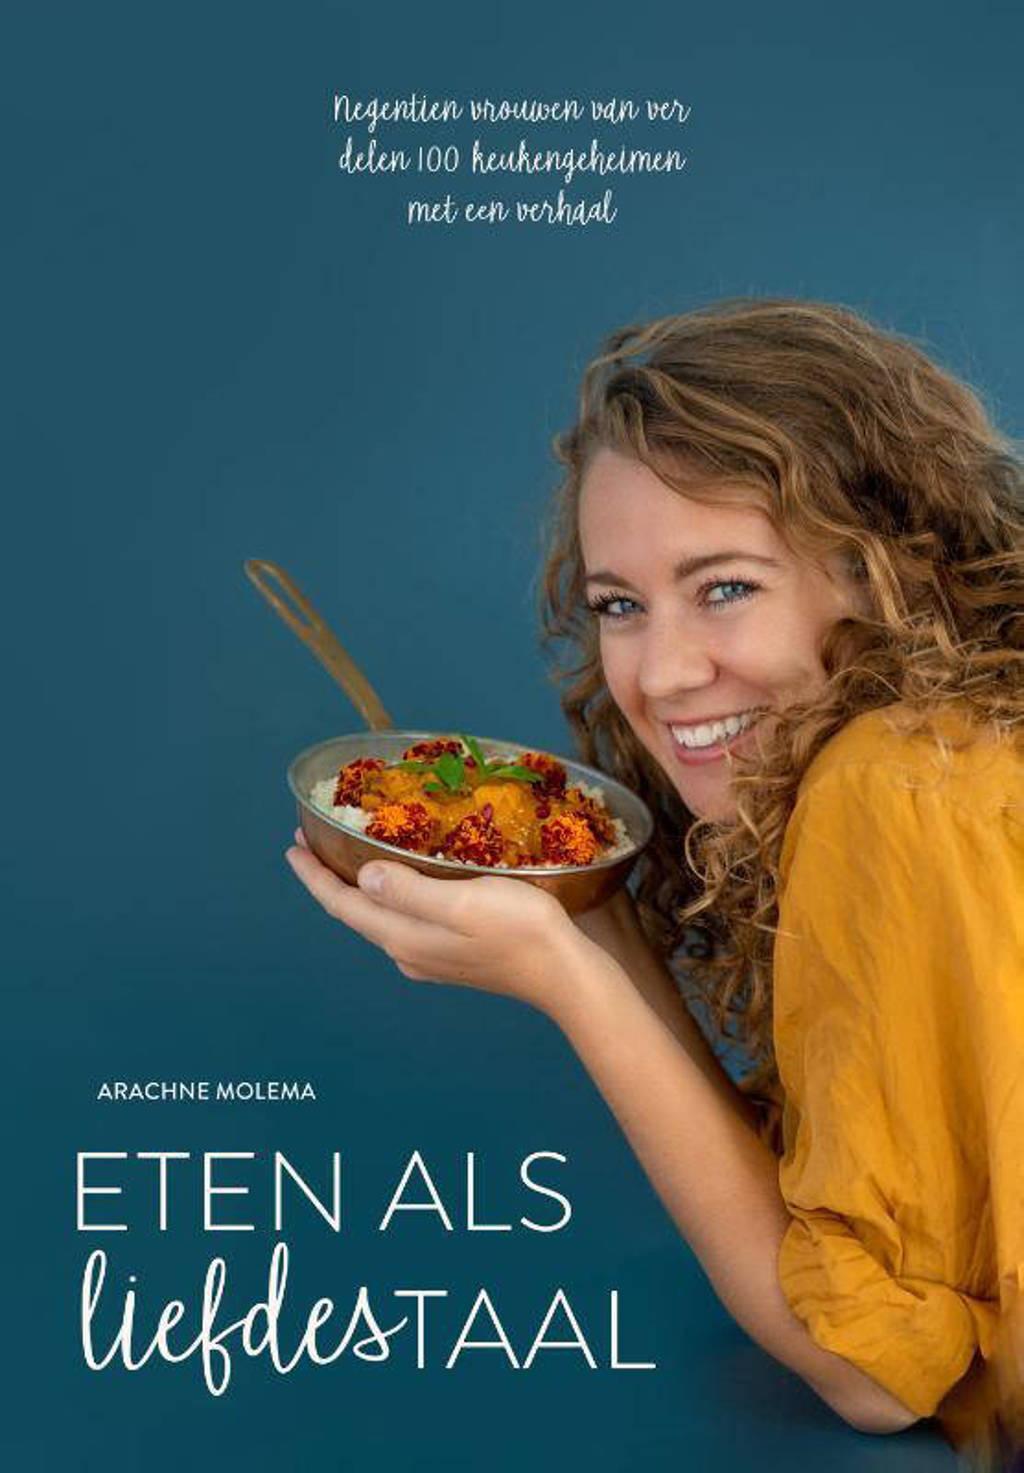 Eten als liefdestaal - Arachne Molema